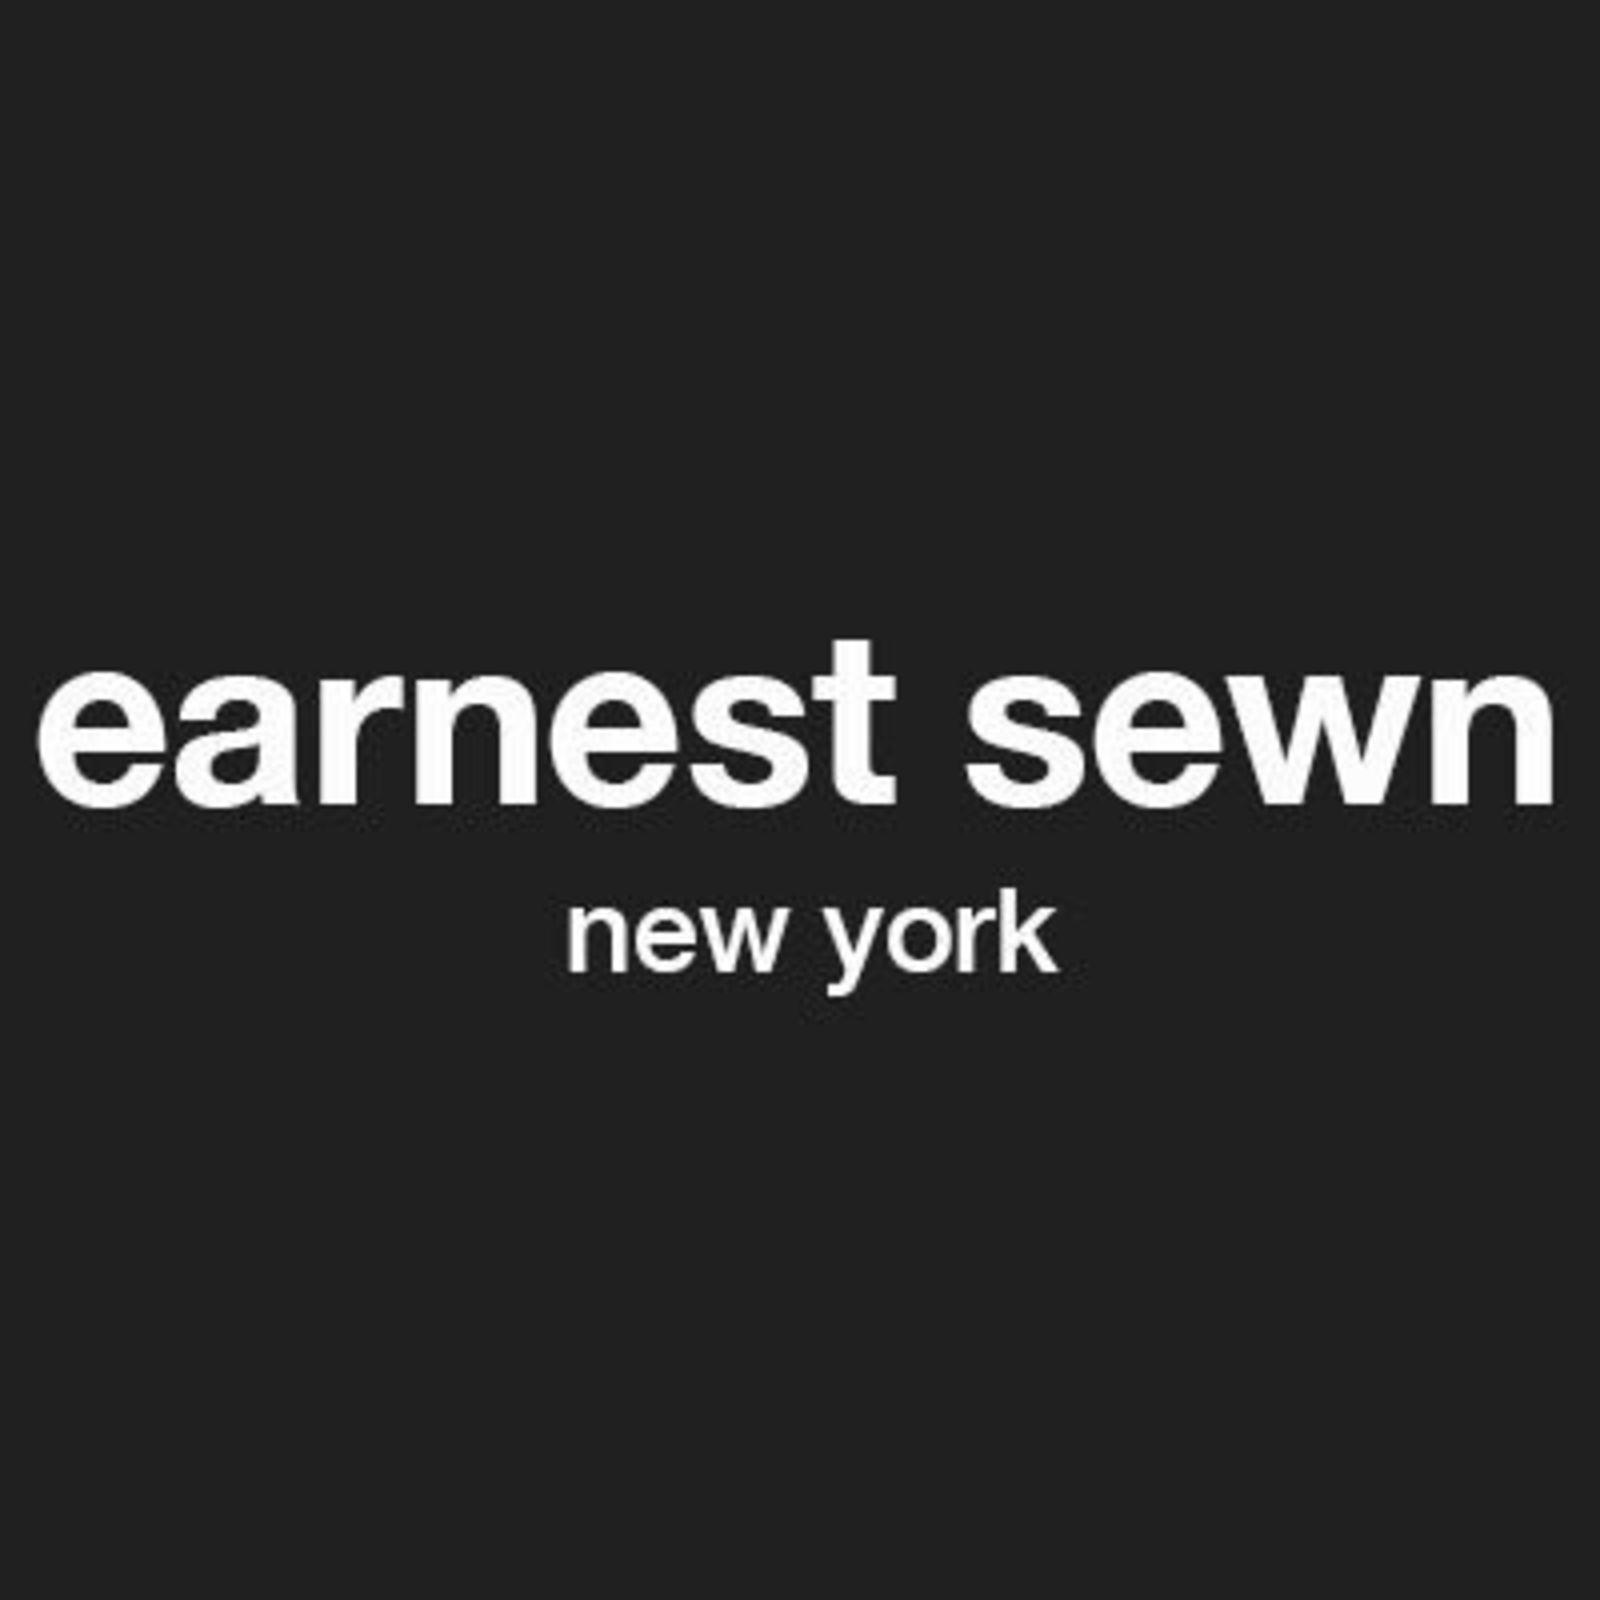 earnest swen